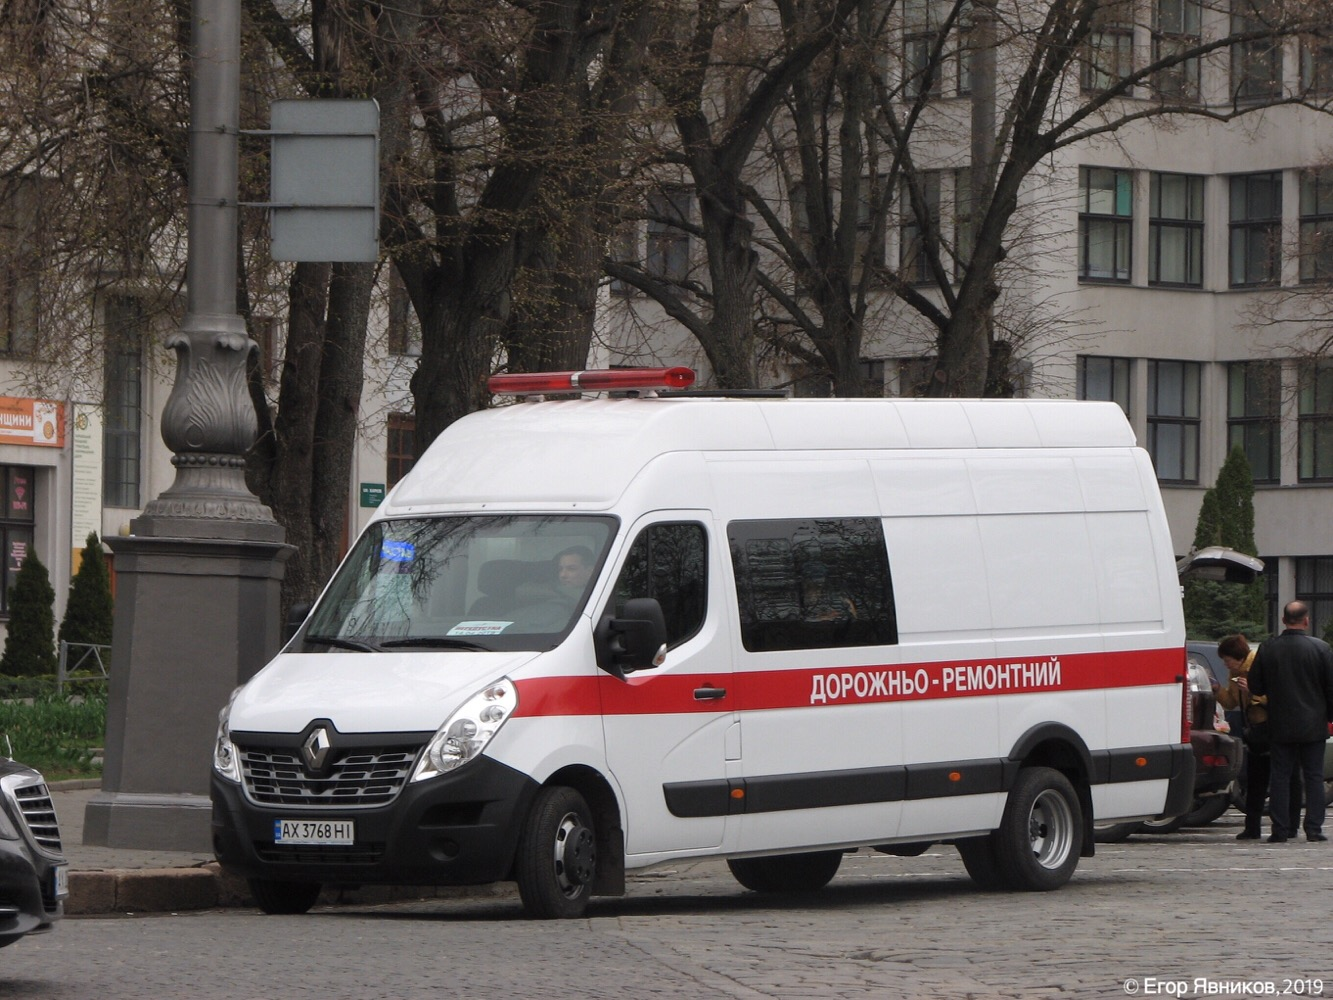 Микроавтобус дорожной службы Renault Master, #АХ3768НI. Харьковская область, г. Харьков, площадь Свободы